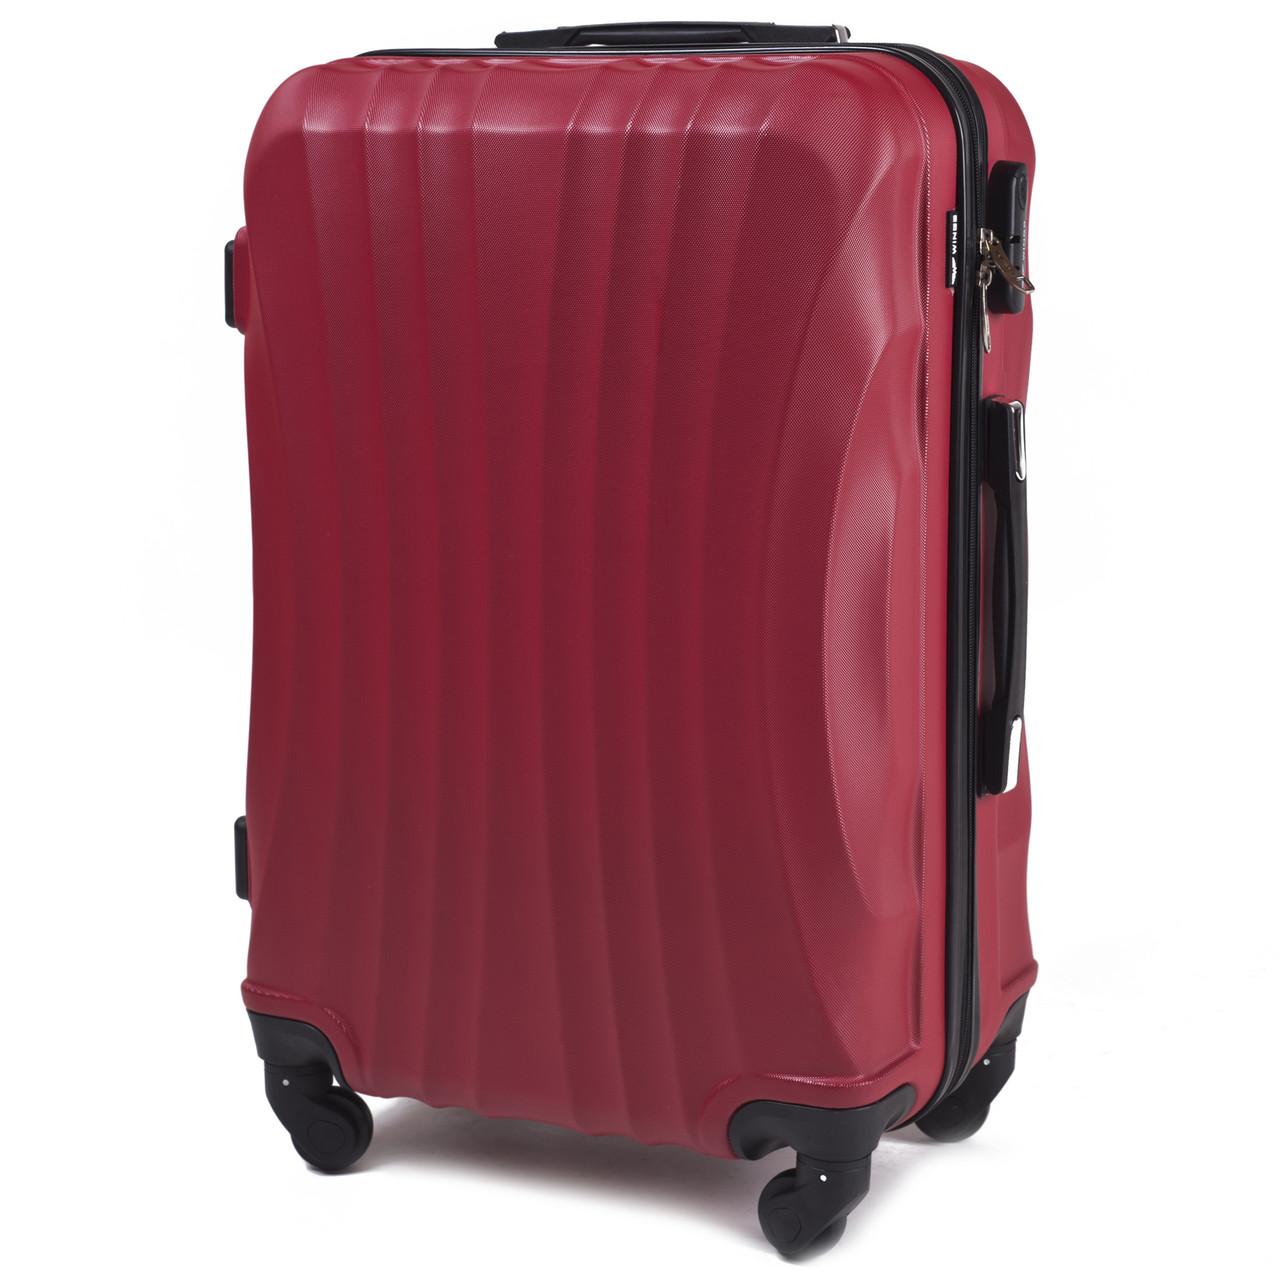 Средний пластиковый чемодан Wings 159 на 4 колесах красный